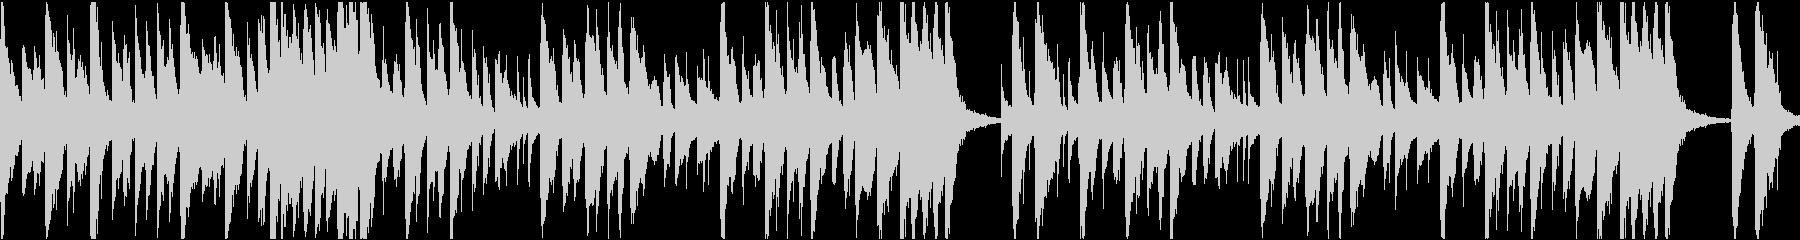 10秒でサビ、コミカル/カラオケループの未再生の波形